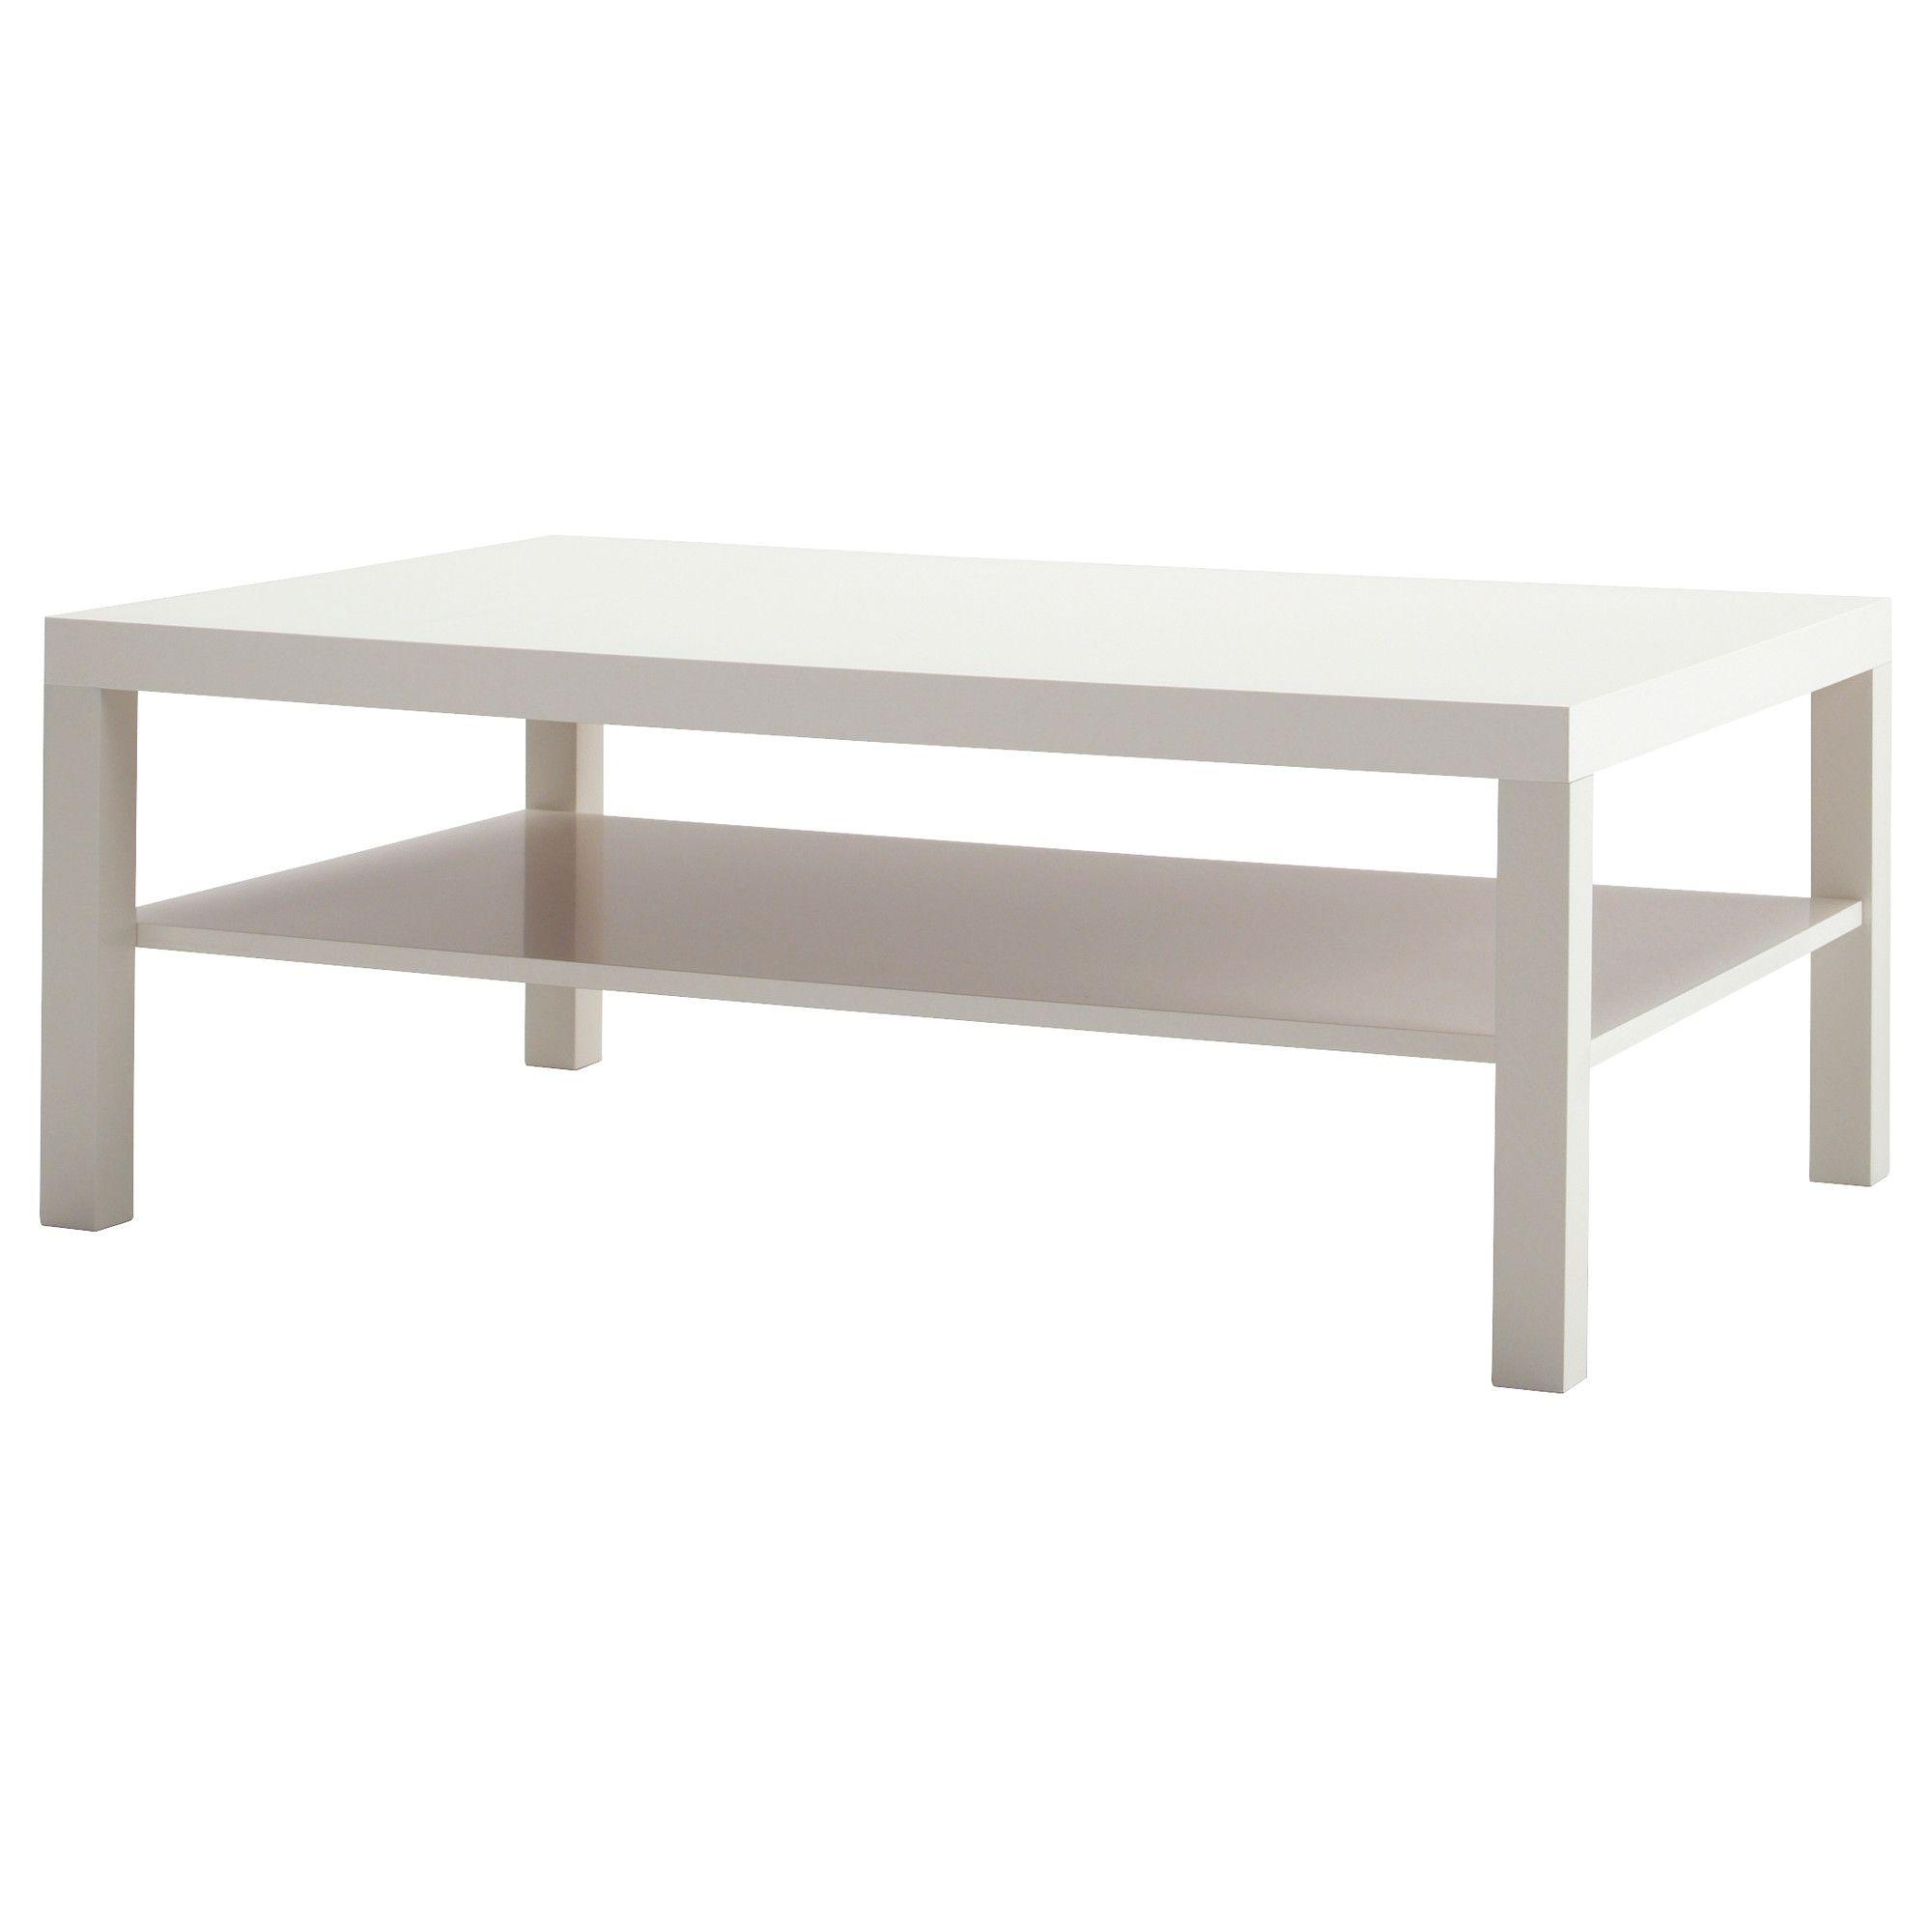 lack coffee table white couchtische ikea und tisch. Black Bedroom Furniture Sets. Home Design Ideas